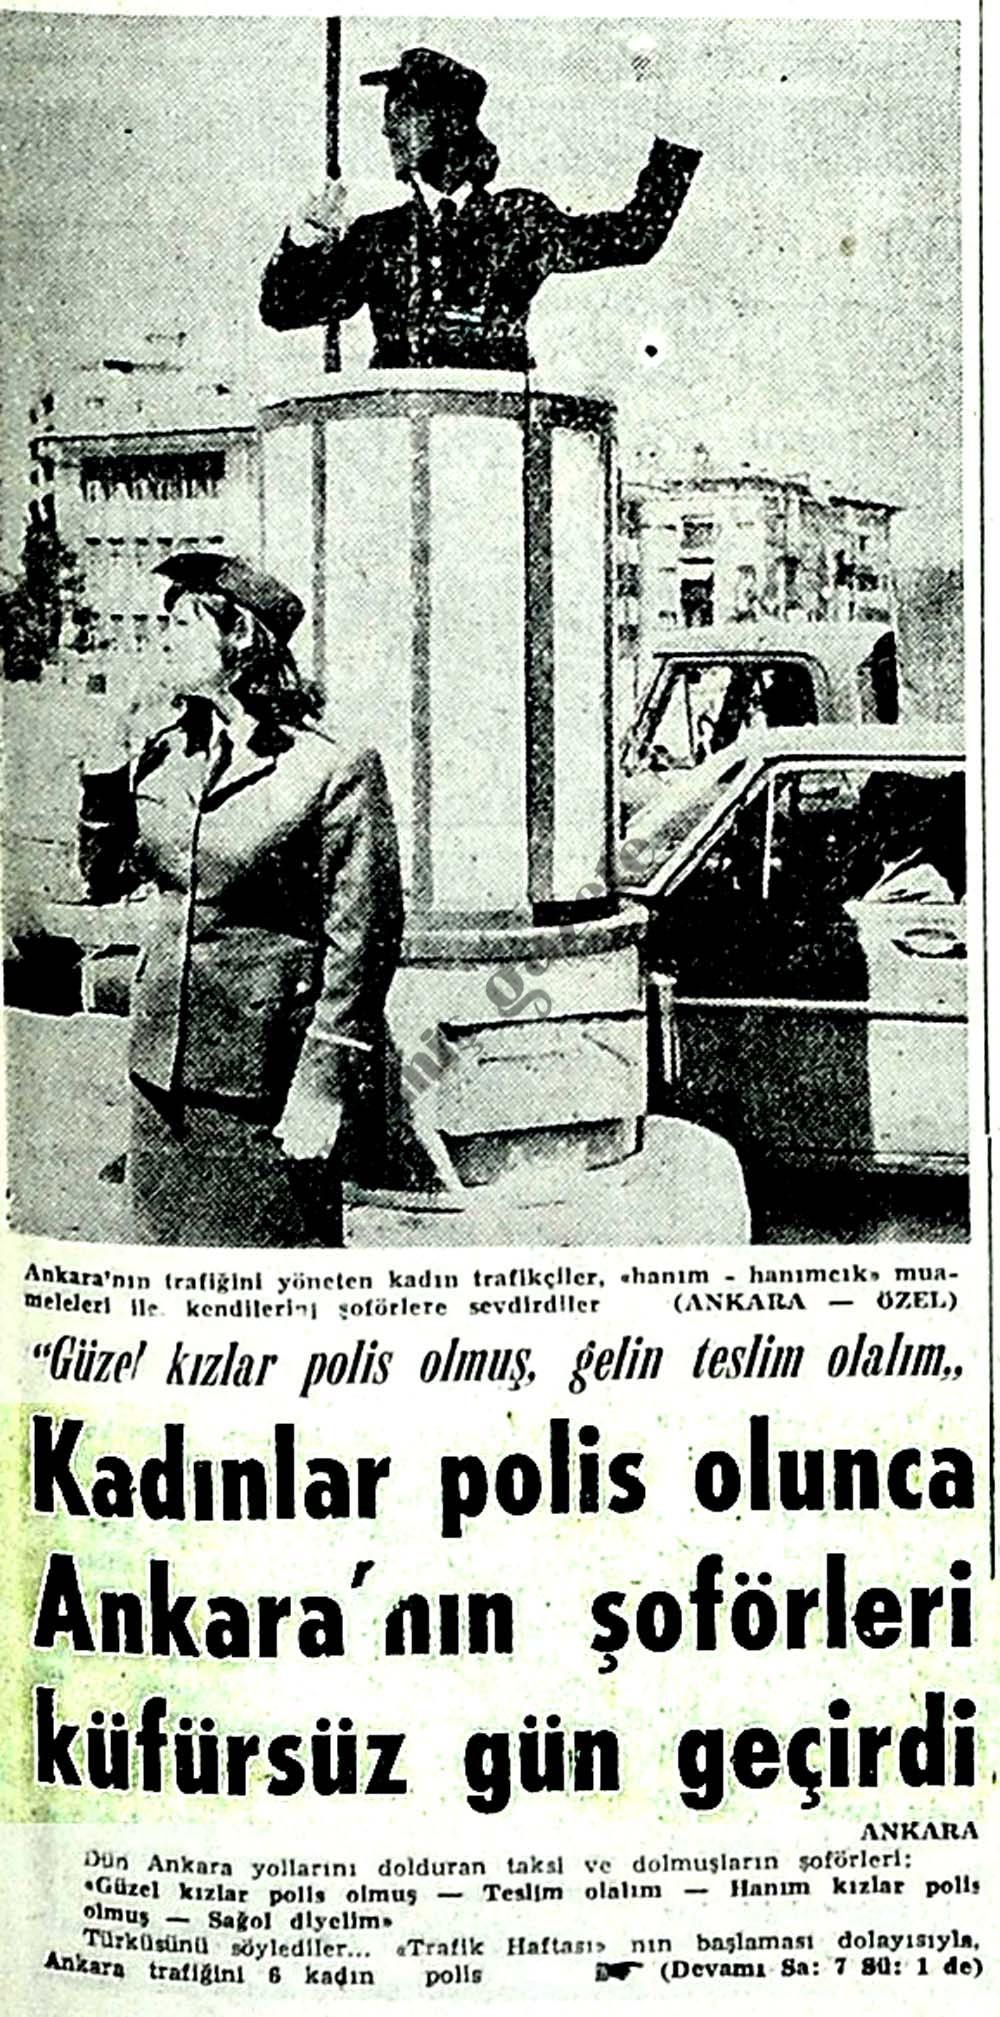 Kadınlar polis olunca Ankara'nın şoförleri küfürsüz gün geçirdi